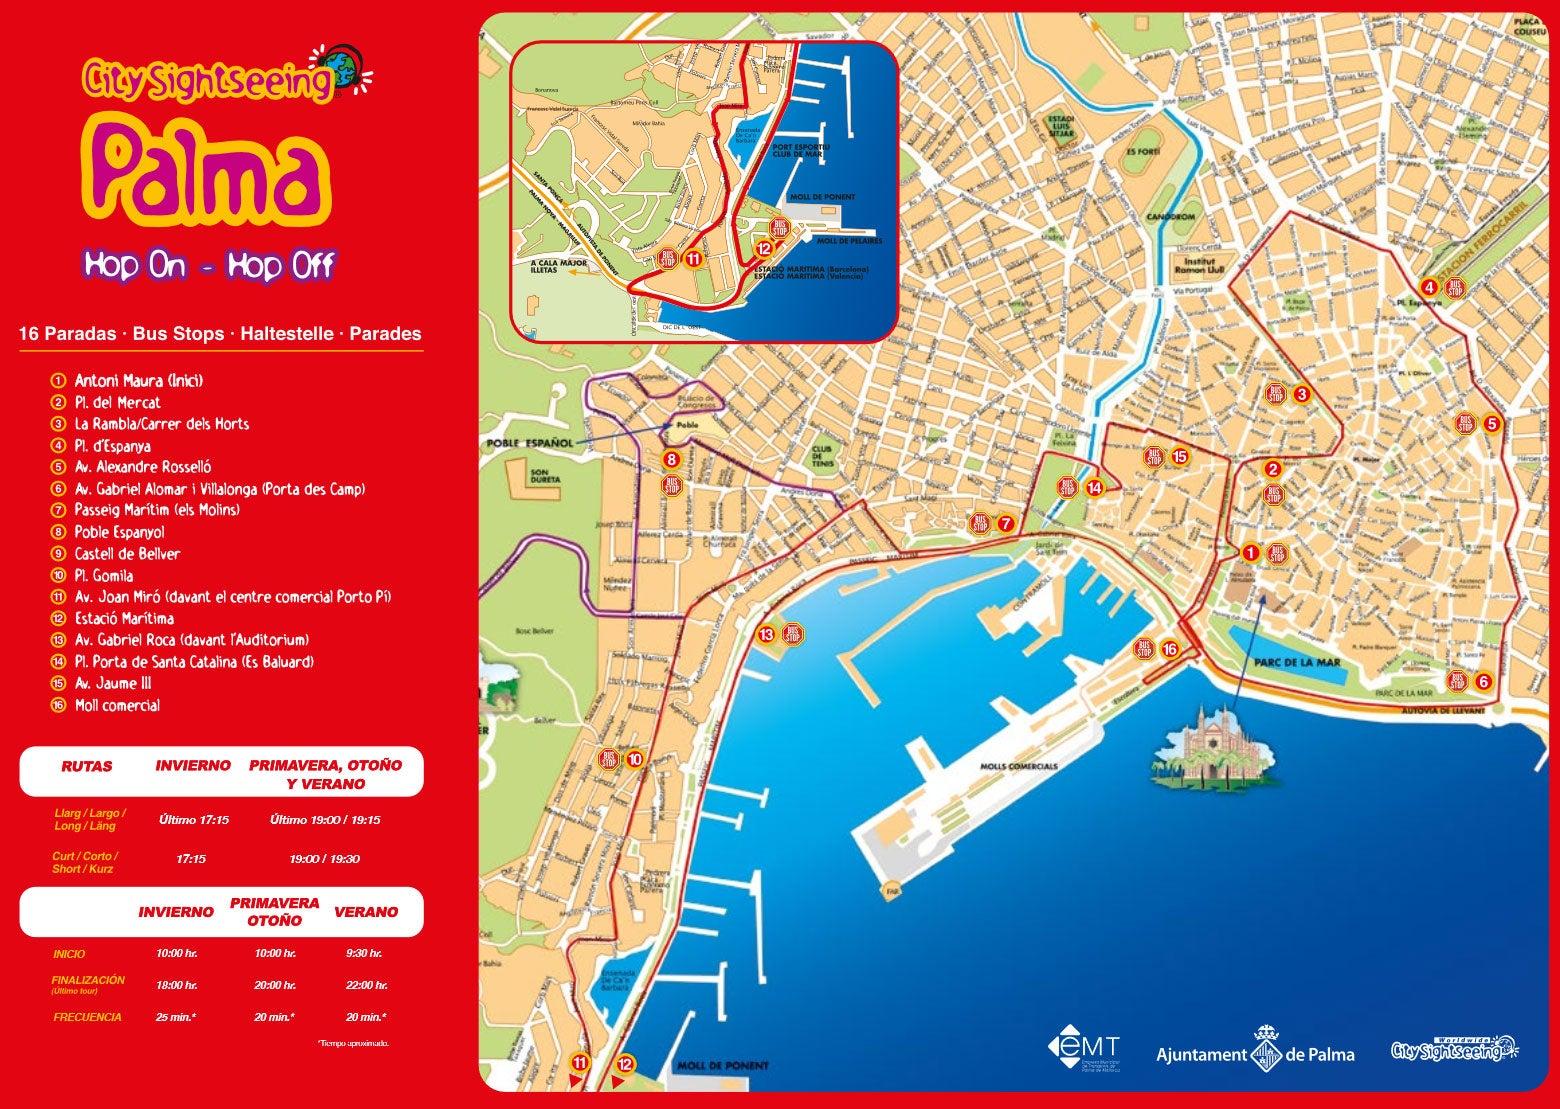 mapa turistico de palma de maiorca Ônibus turístico de Palma de Mallorca   Reserve em Civitatis.com mapa turistico de palma de maiorca